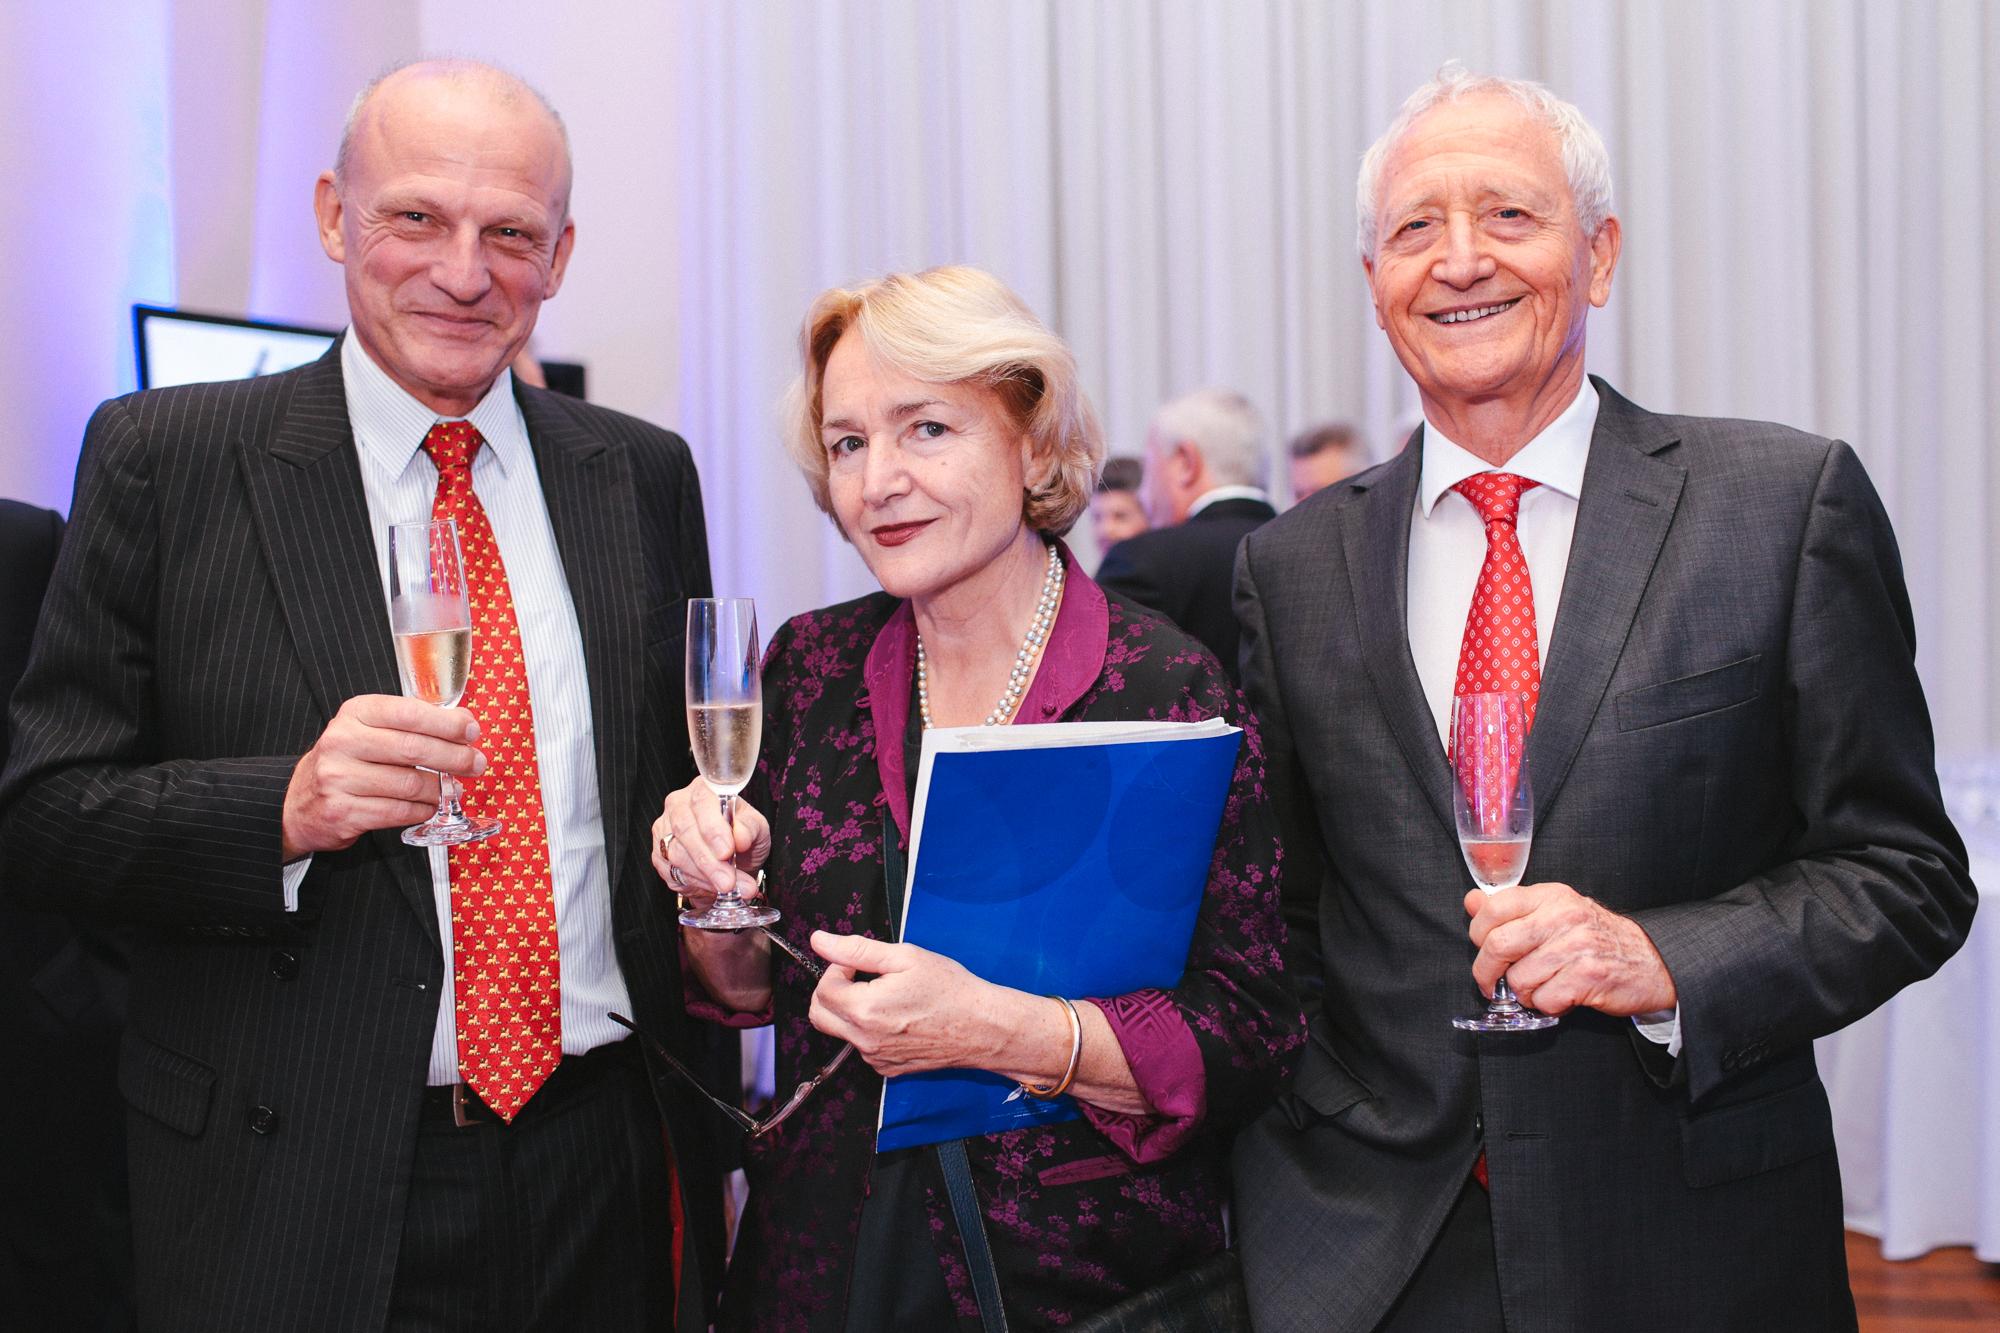 http://www.rio-cologne.de/wp-content/uploads/2016/09/Dt_brasil_Journalistenpreis2015_5.jpg